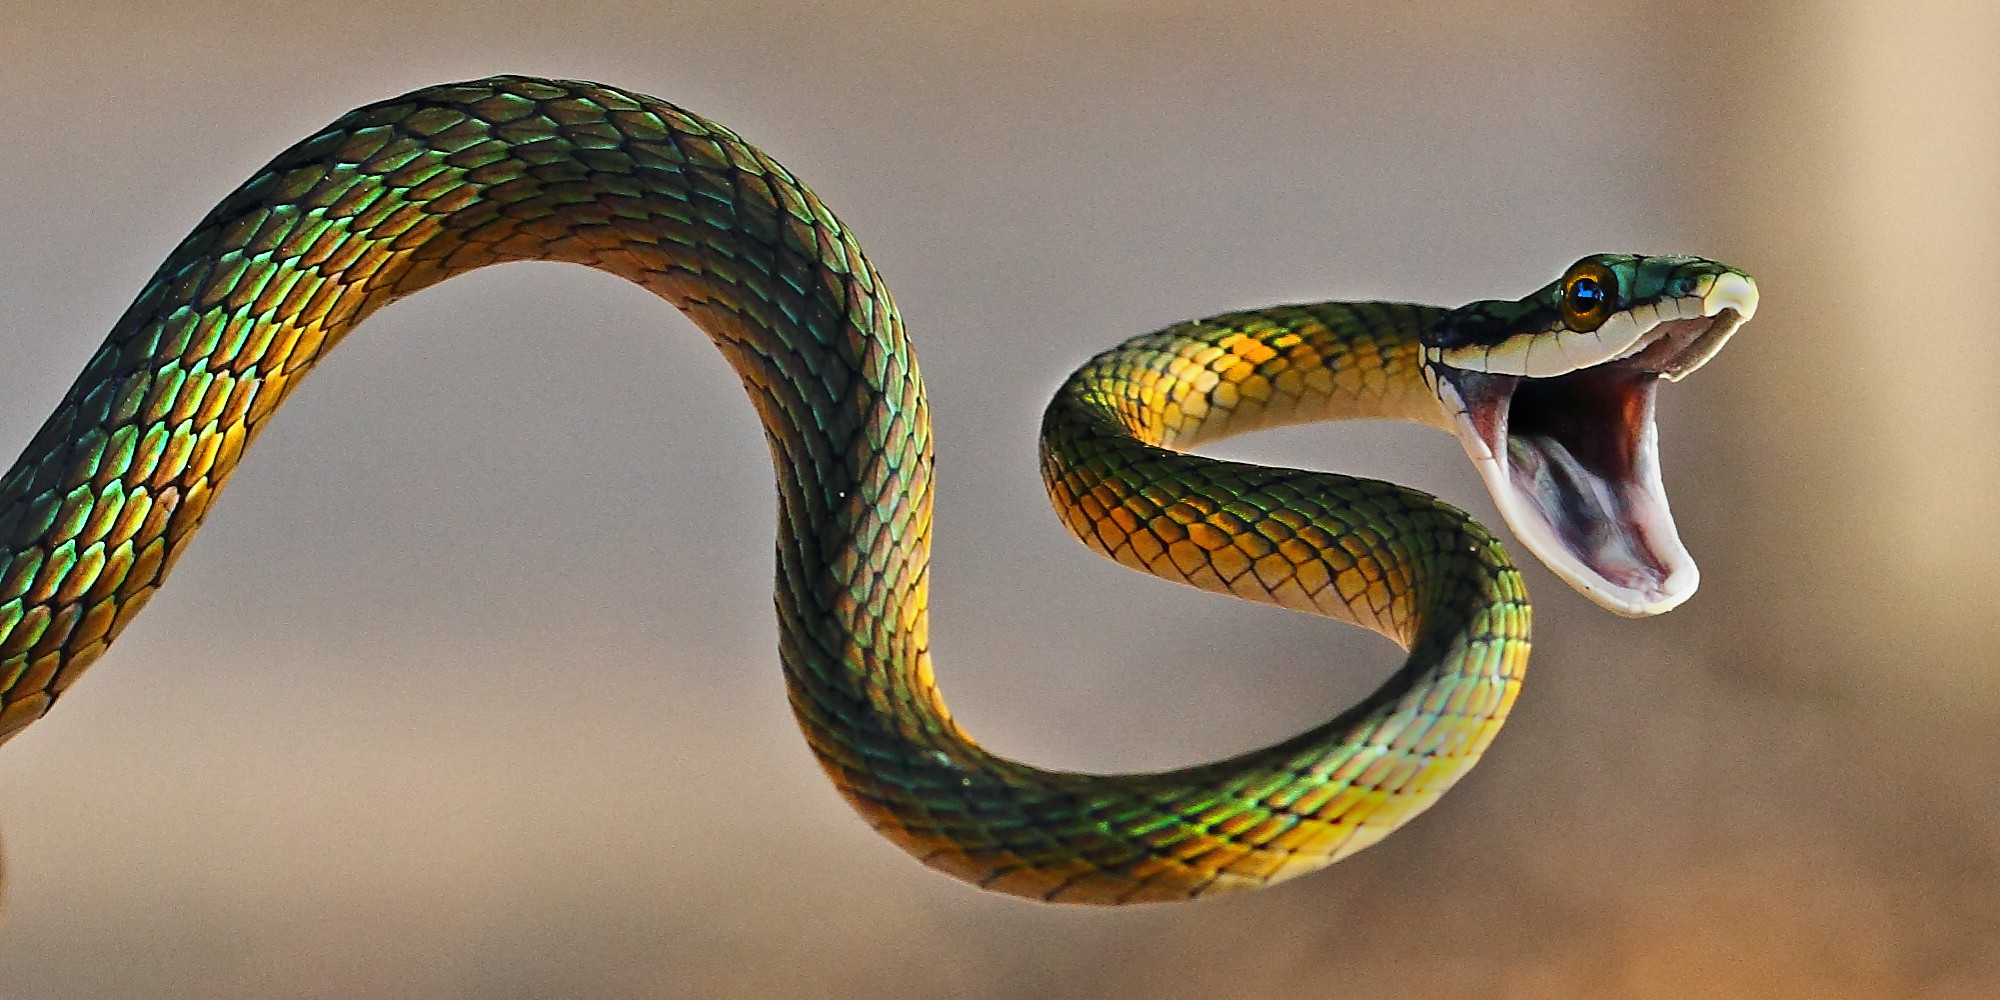 High Resolution Wallpaper | Snake 2000x1000 px